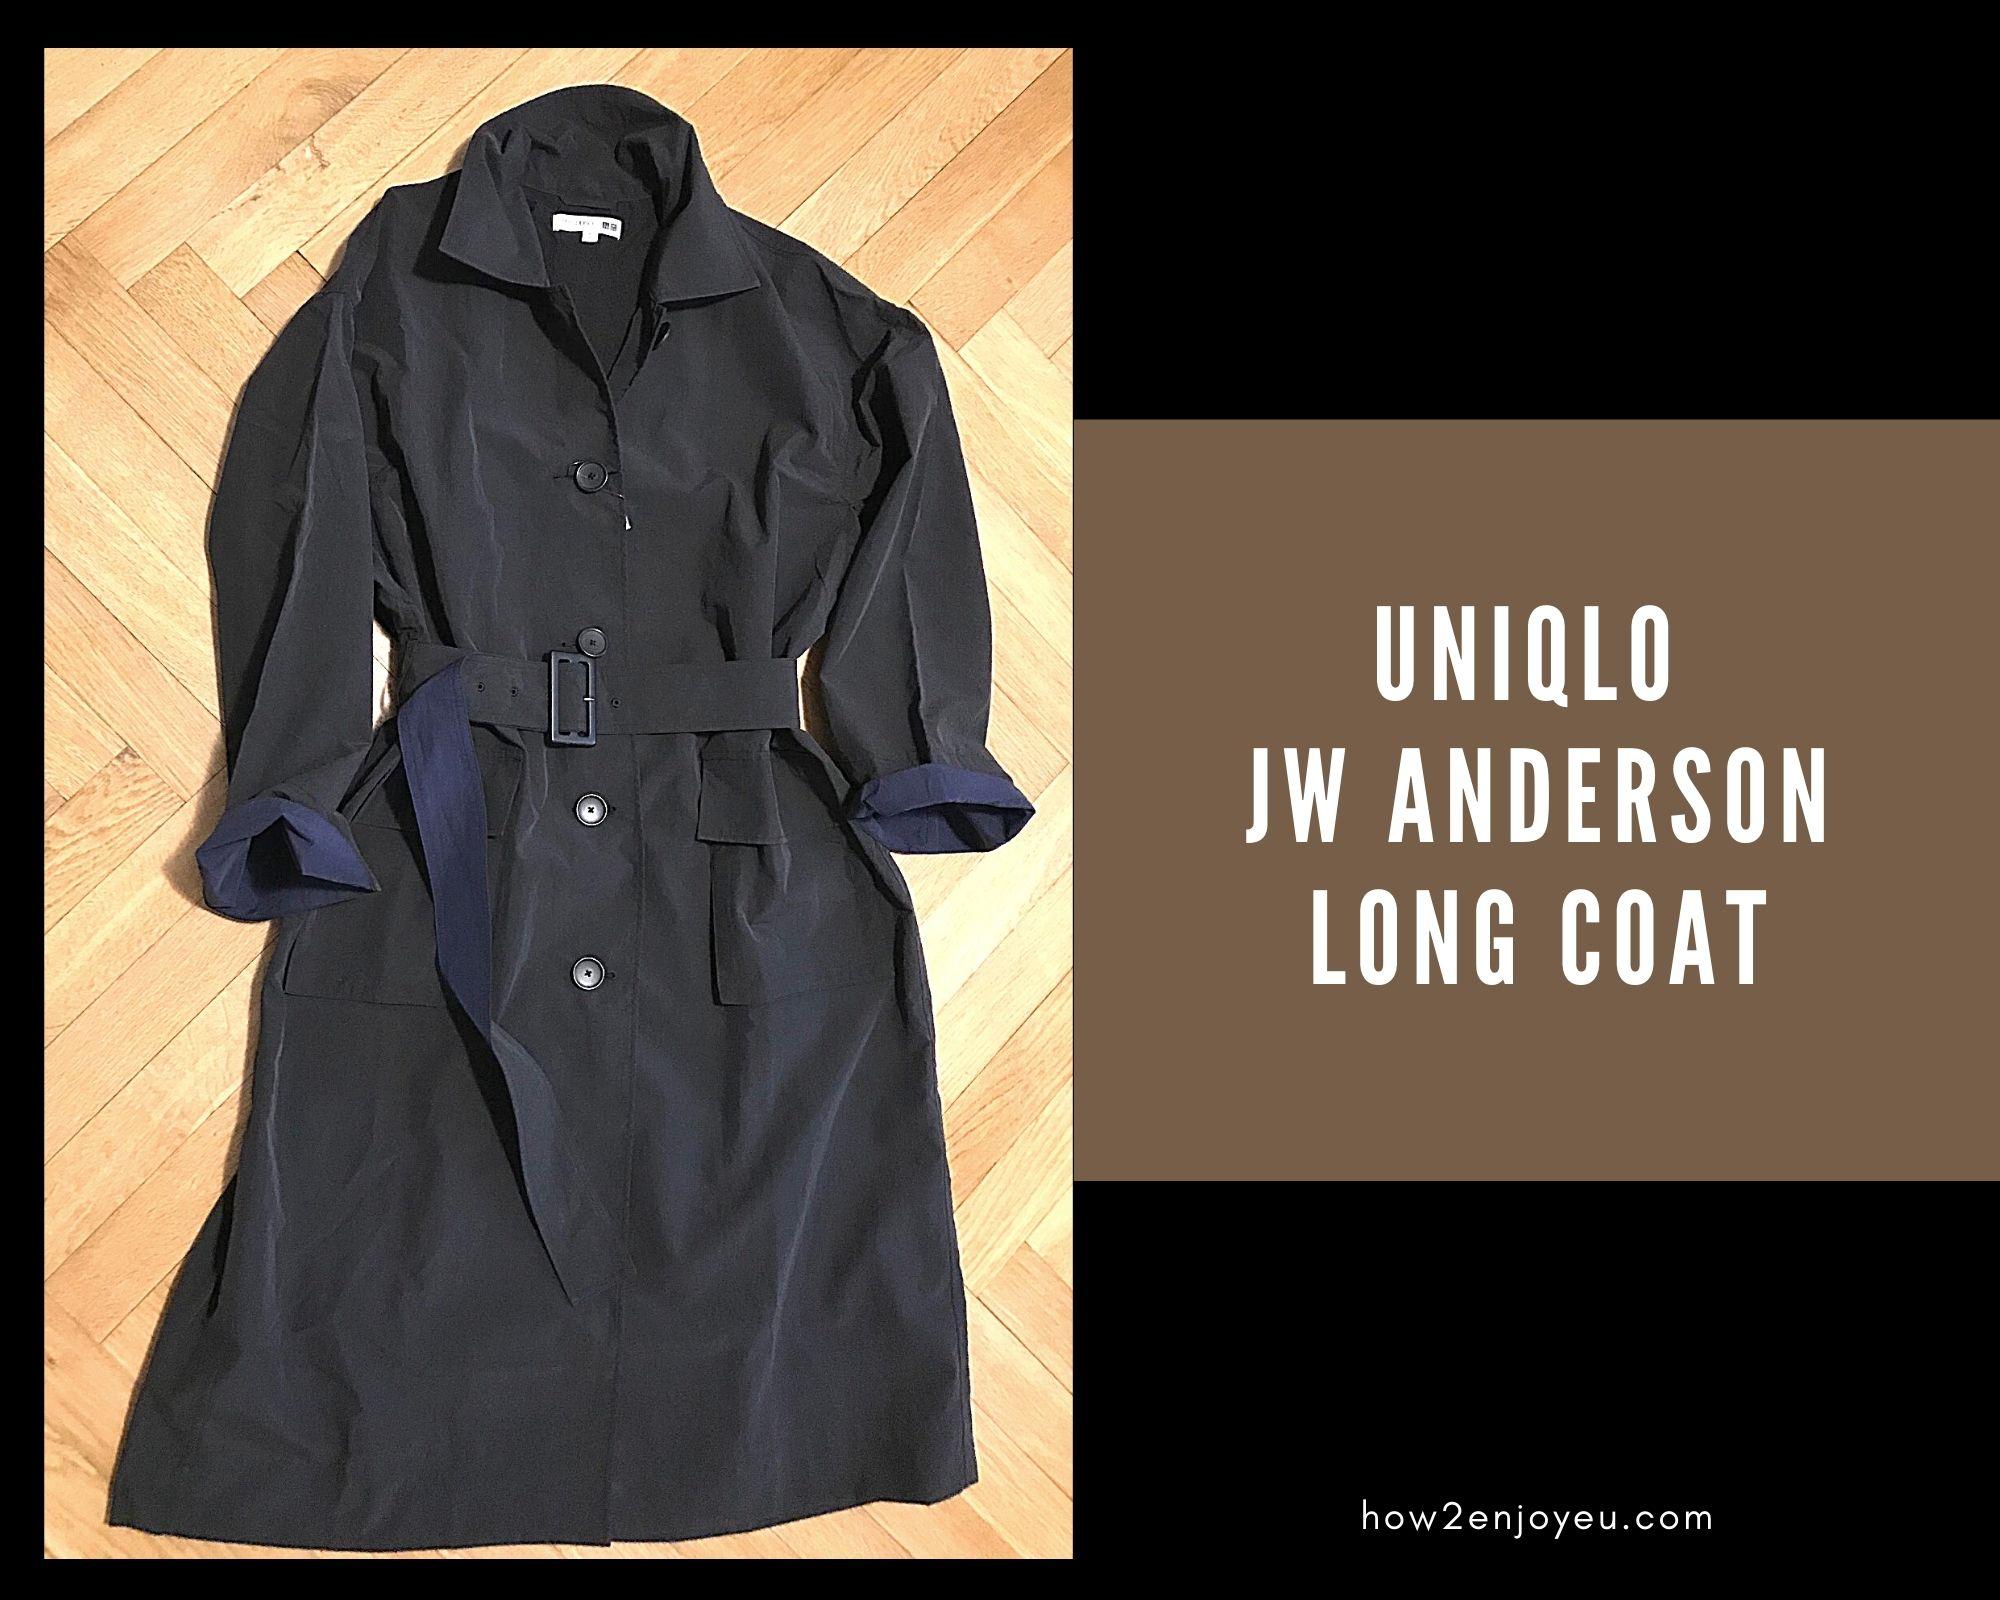 【ユニクロ×JW ANDERSON】のロングコート、オバさんを喜ばせるポイントがたくさん